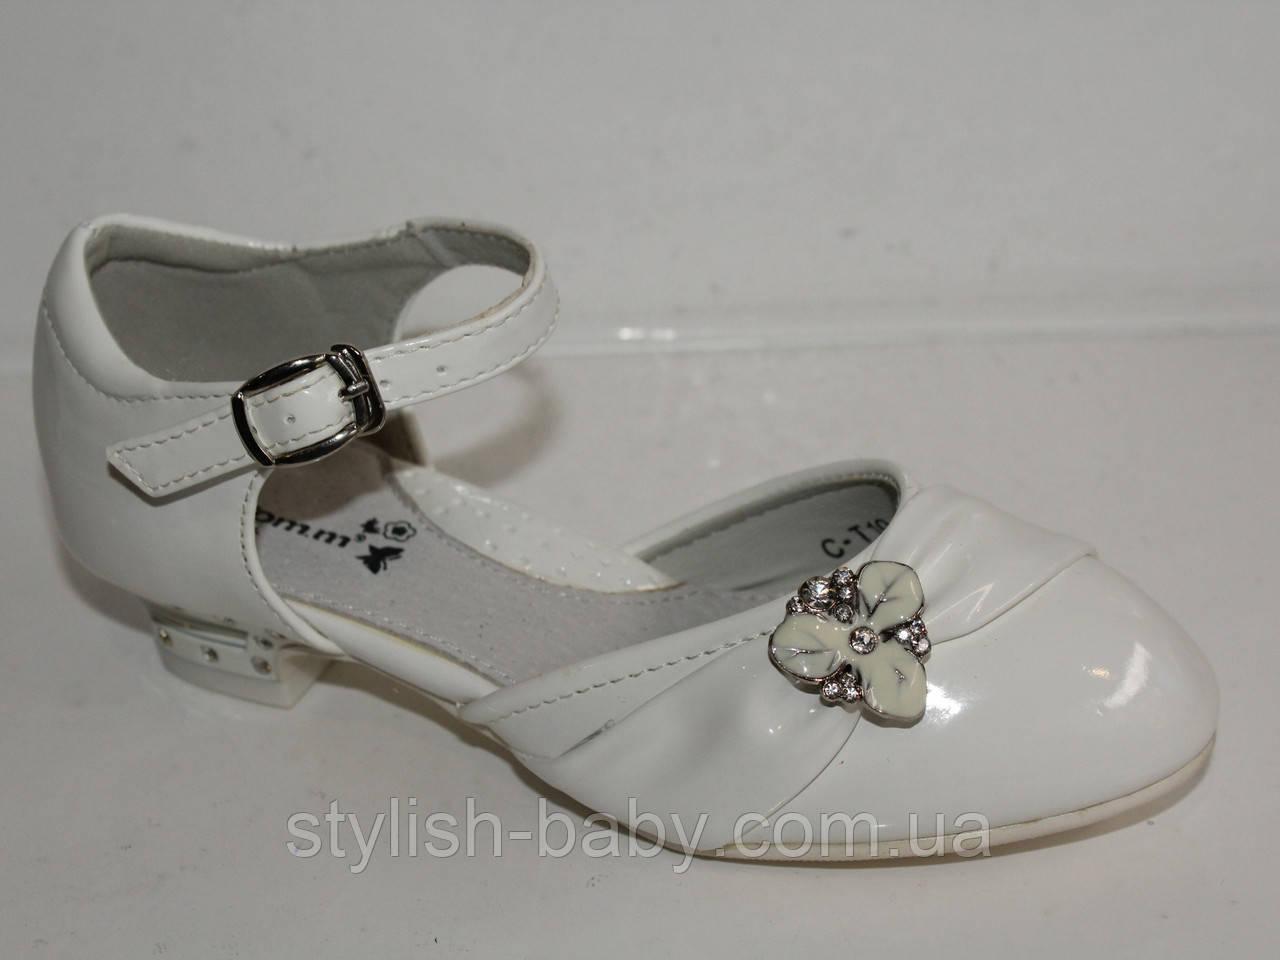 Детские праздничные туфли бренда Tom.m для девочек (разм. 27 по 32)